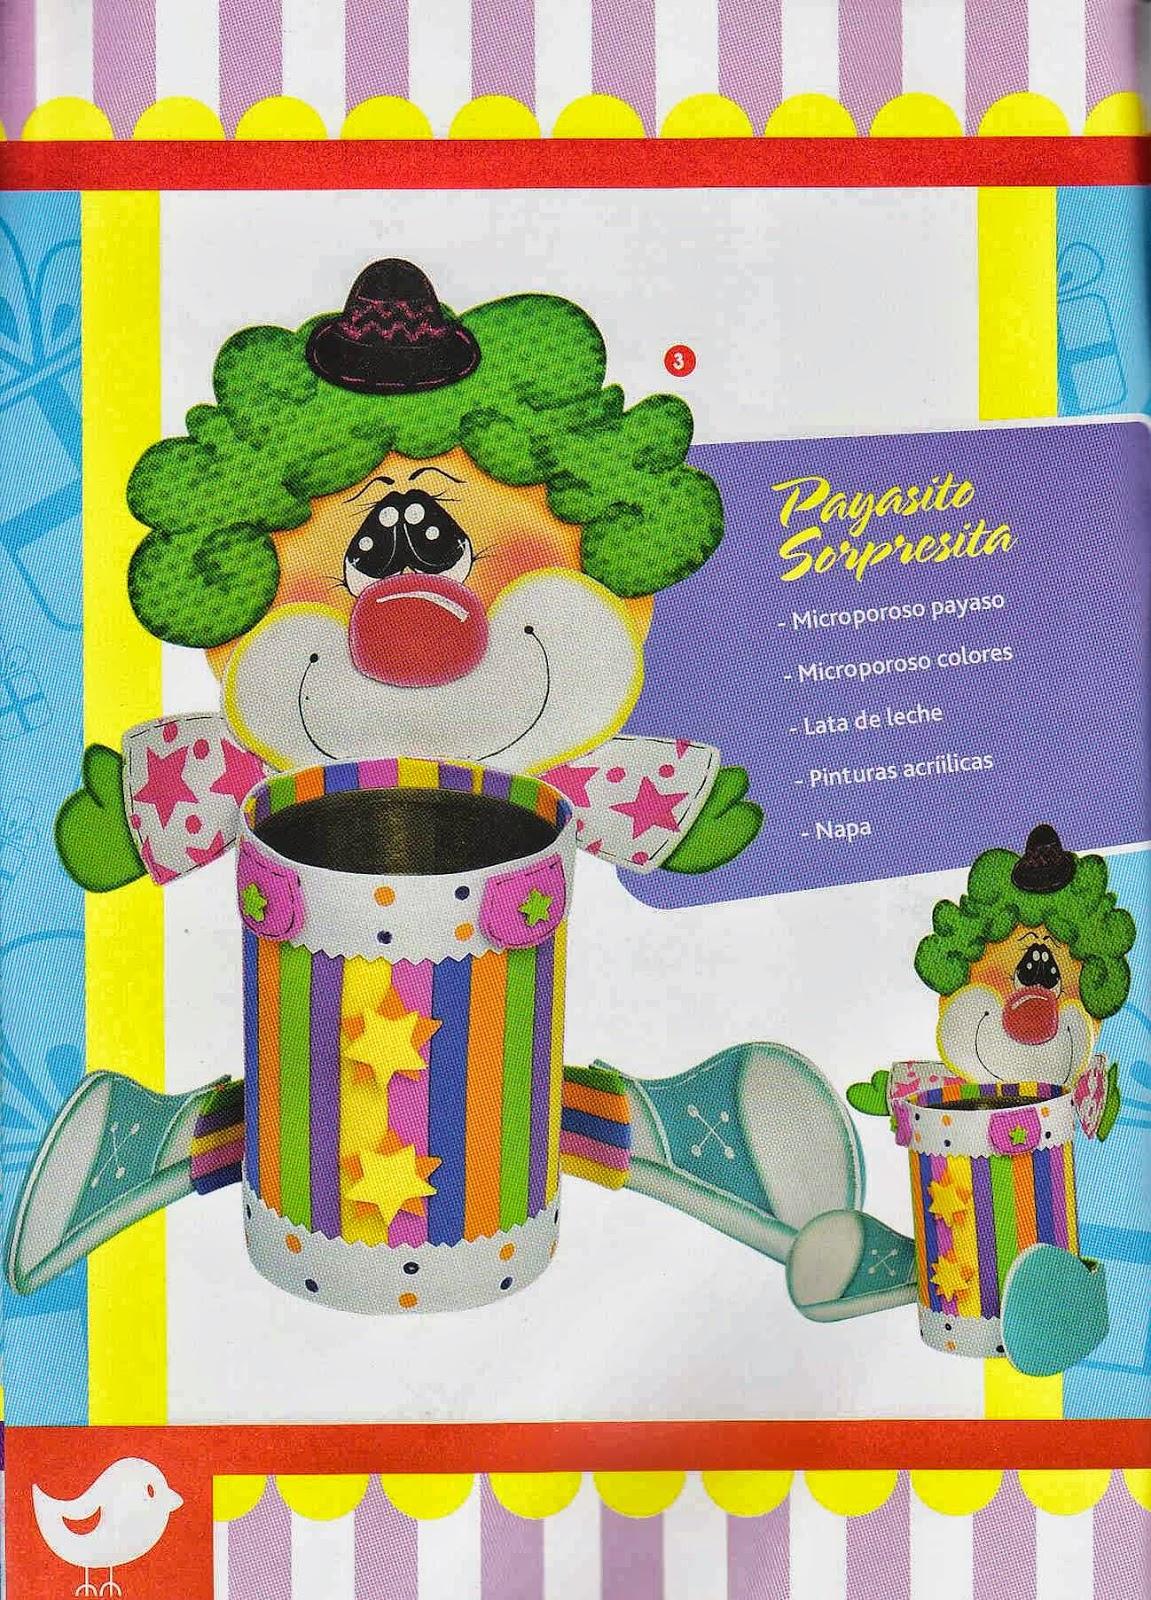 Manualidades en foamy paso a paso revistas de - Manualidades decoracion infantil ...